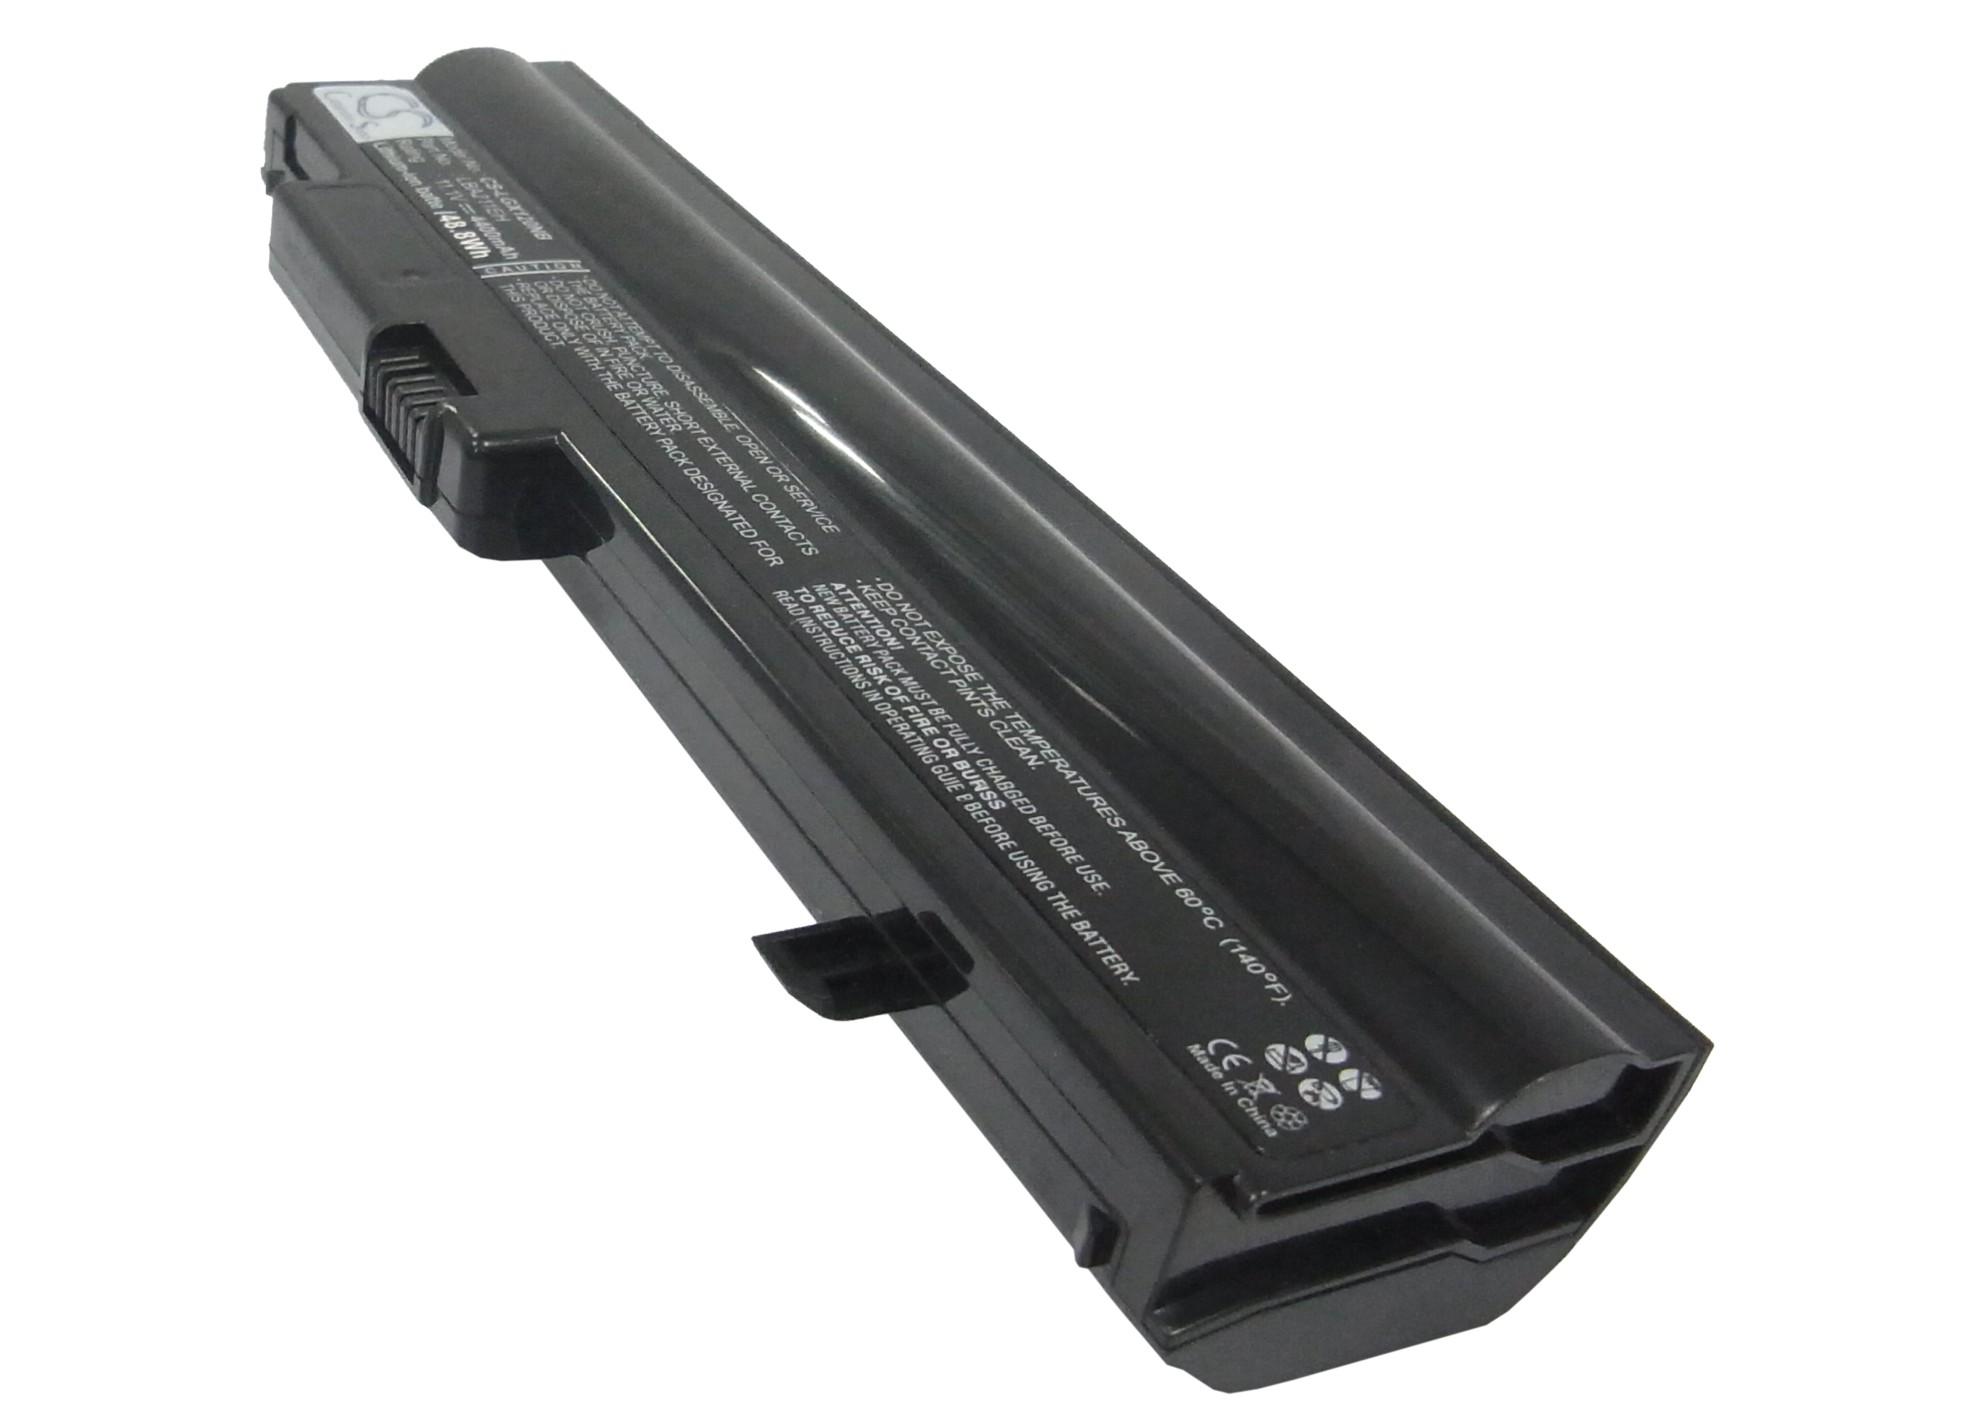 Cameron Sino baterie do netbooků pro LG X130-L 11.1V Li-ion 4400mAh černá - neoriginální